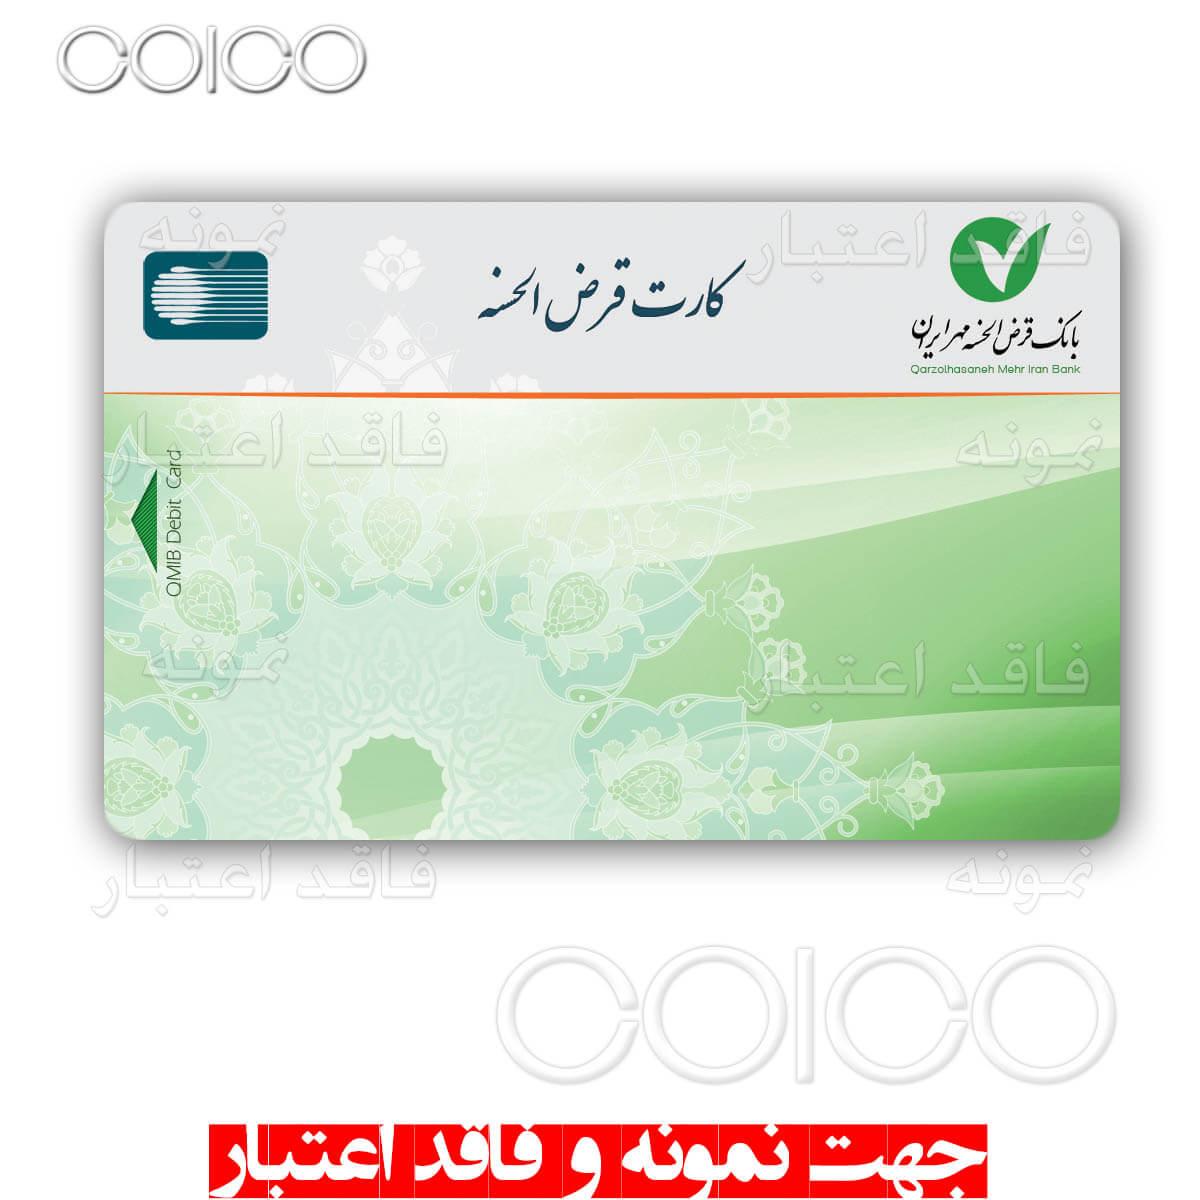 چاپ کارت اعتباری